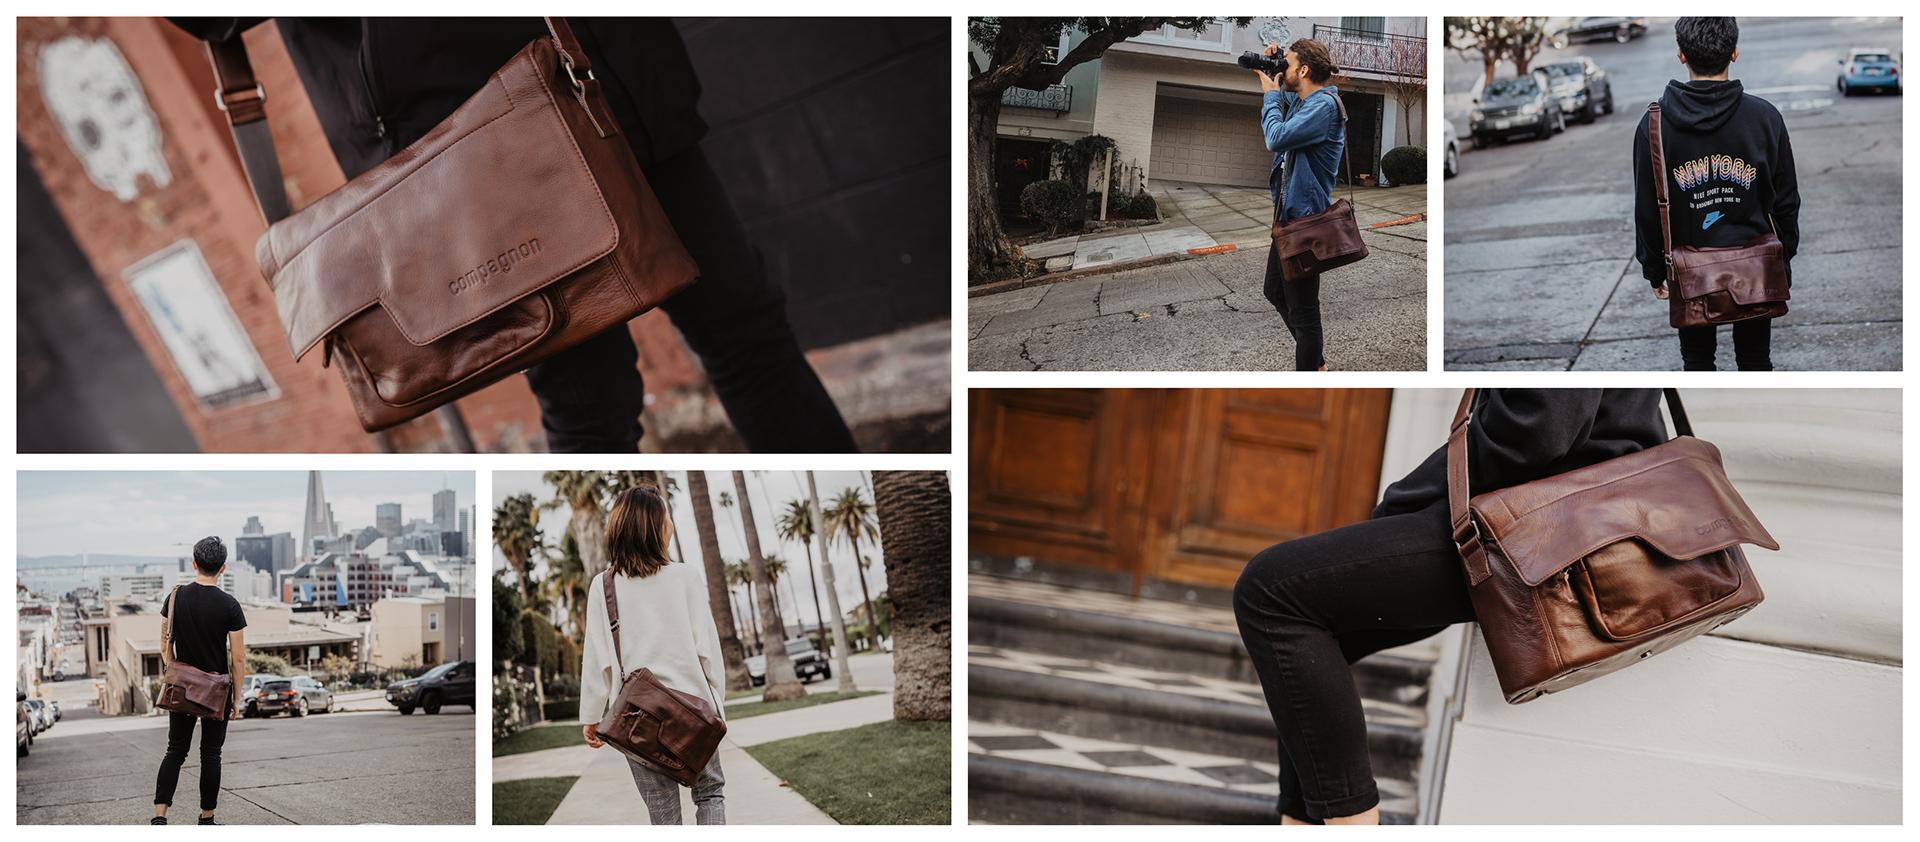 compagnon_medium-messenger_camerabag_leatherbag_shoulderbag